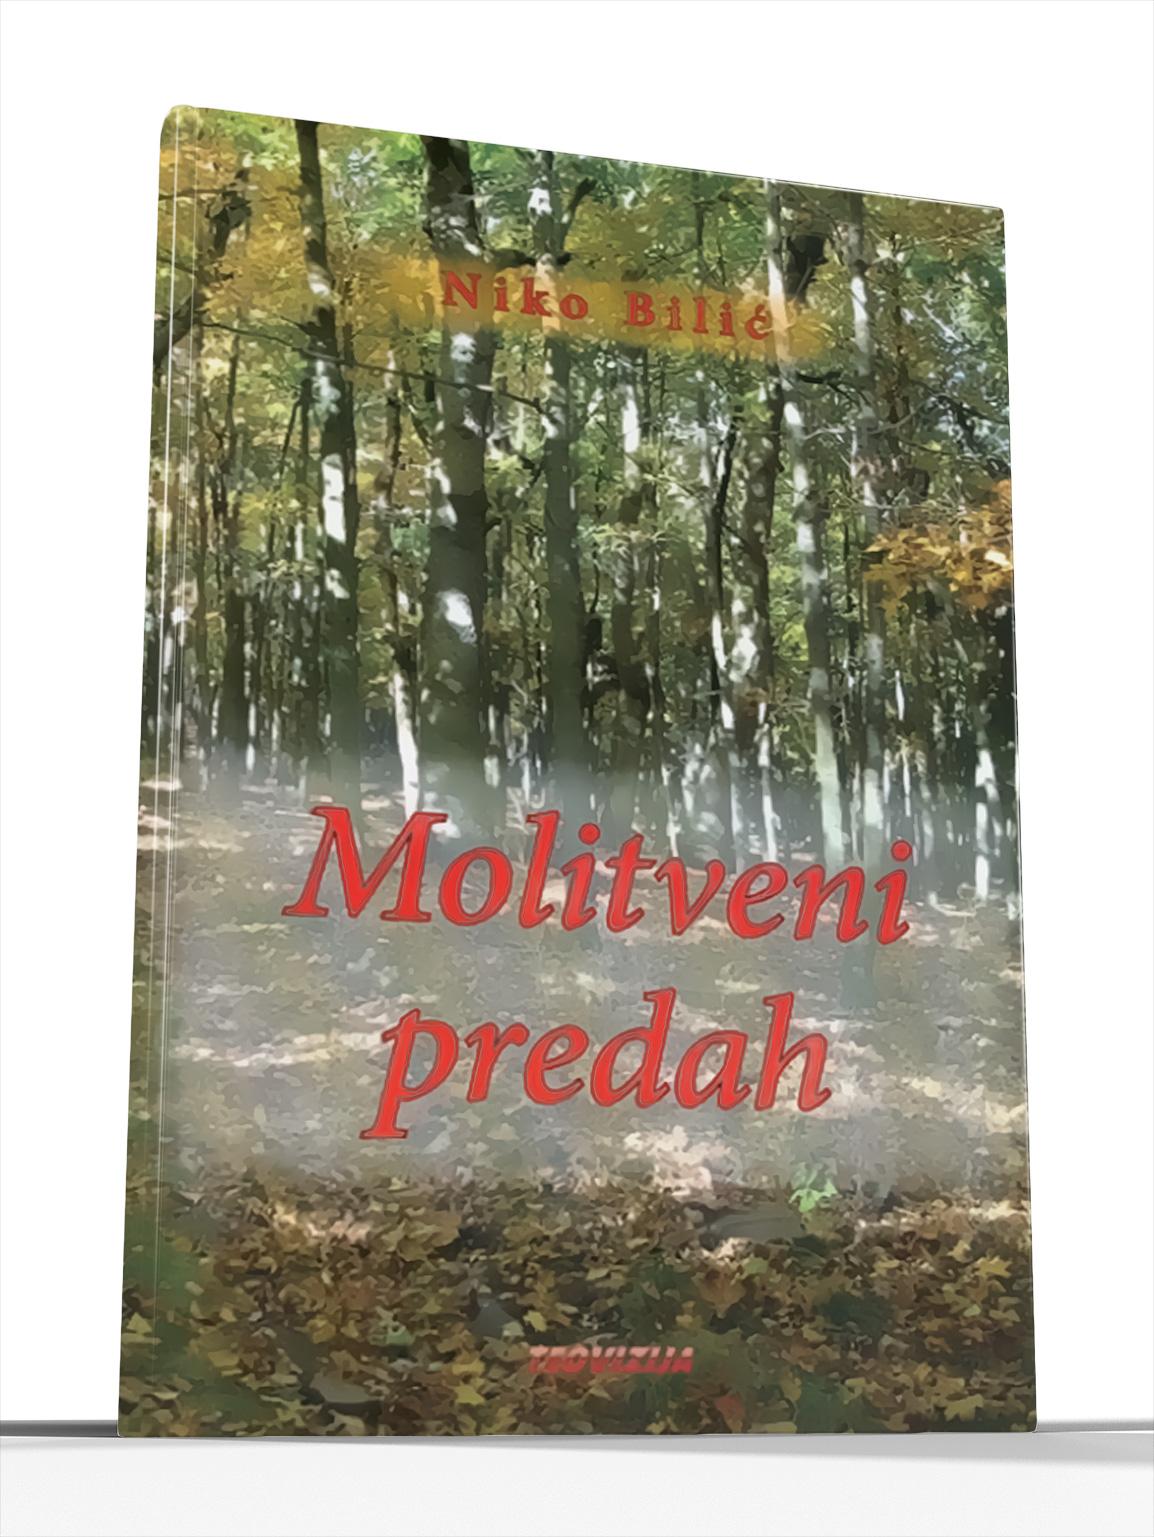 MOLITVENI PREDAH - Niko Bilić